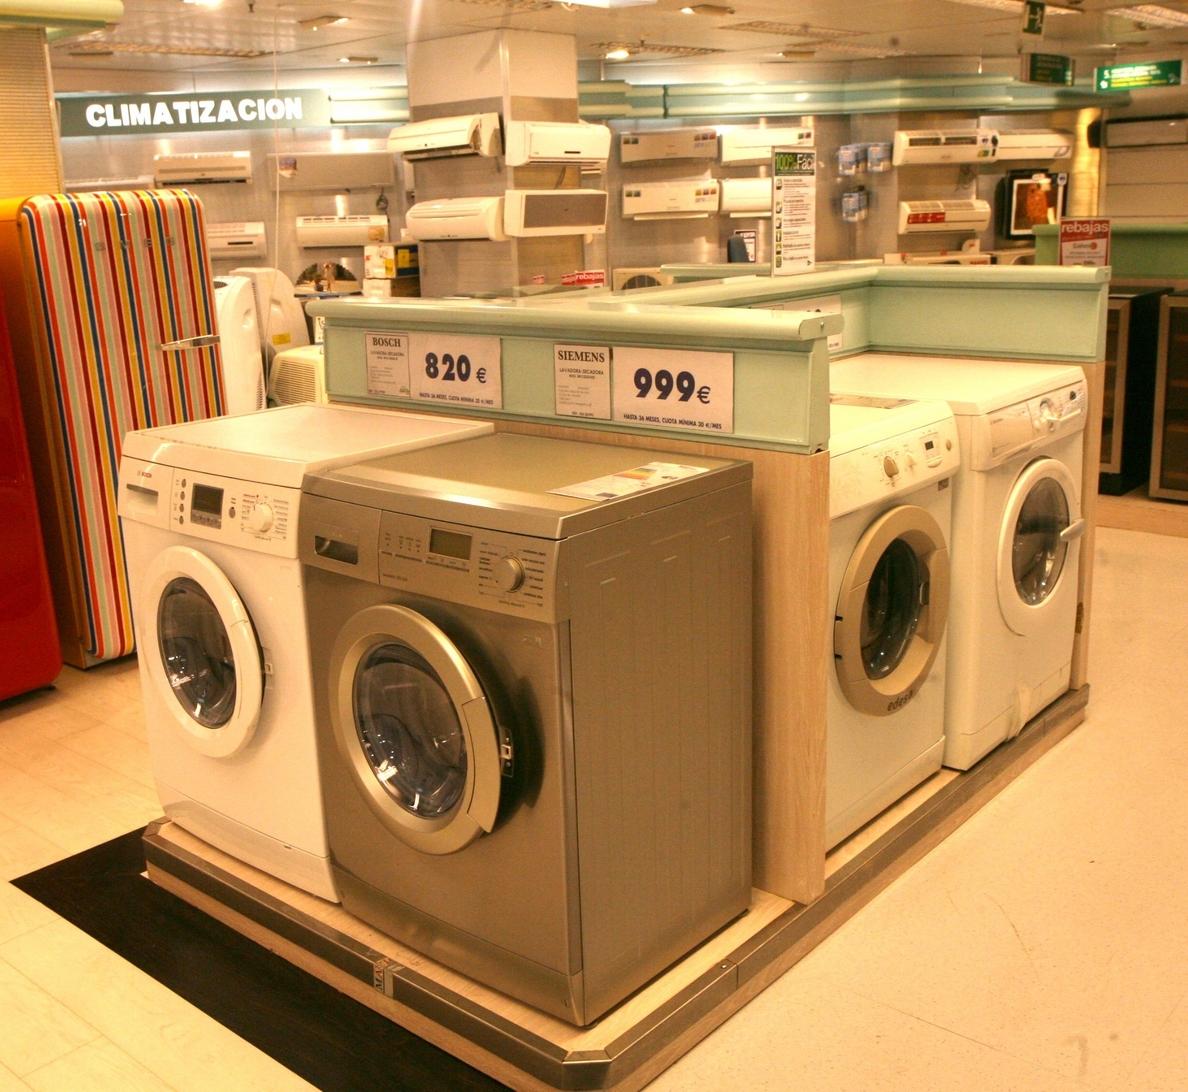 Fabricantes y comercio reclaman al Gobierno que impulse un plan »renove» para electrodomésticos